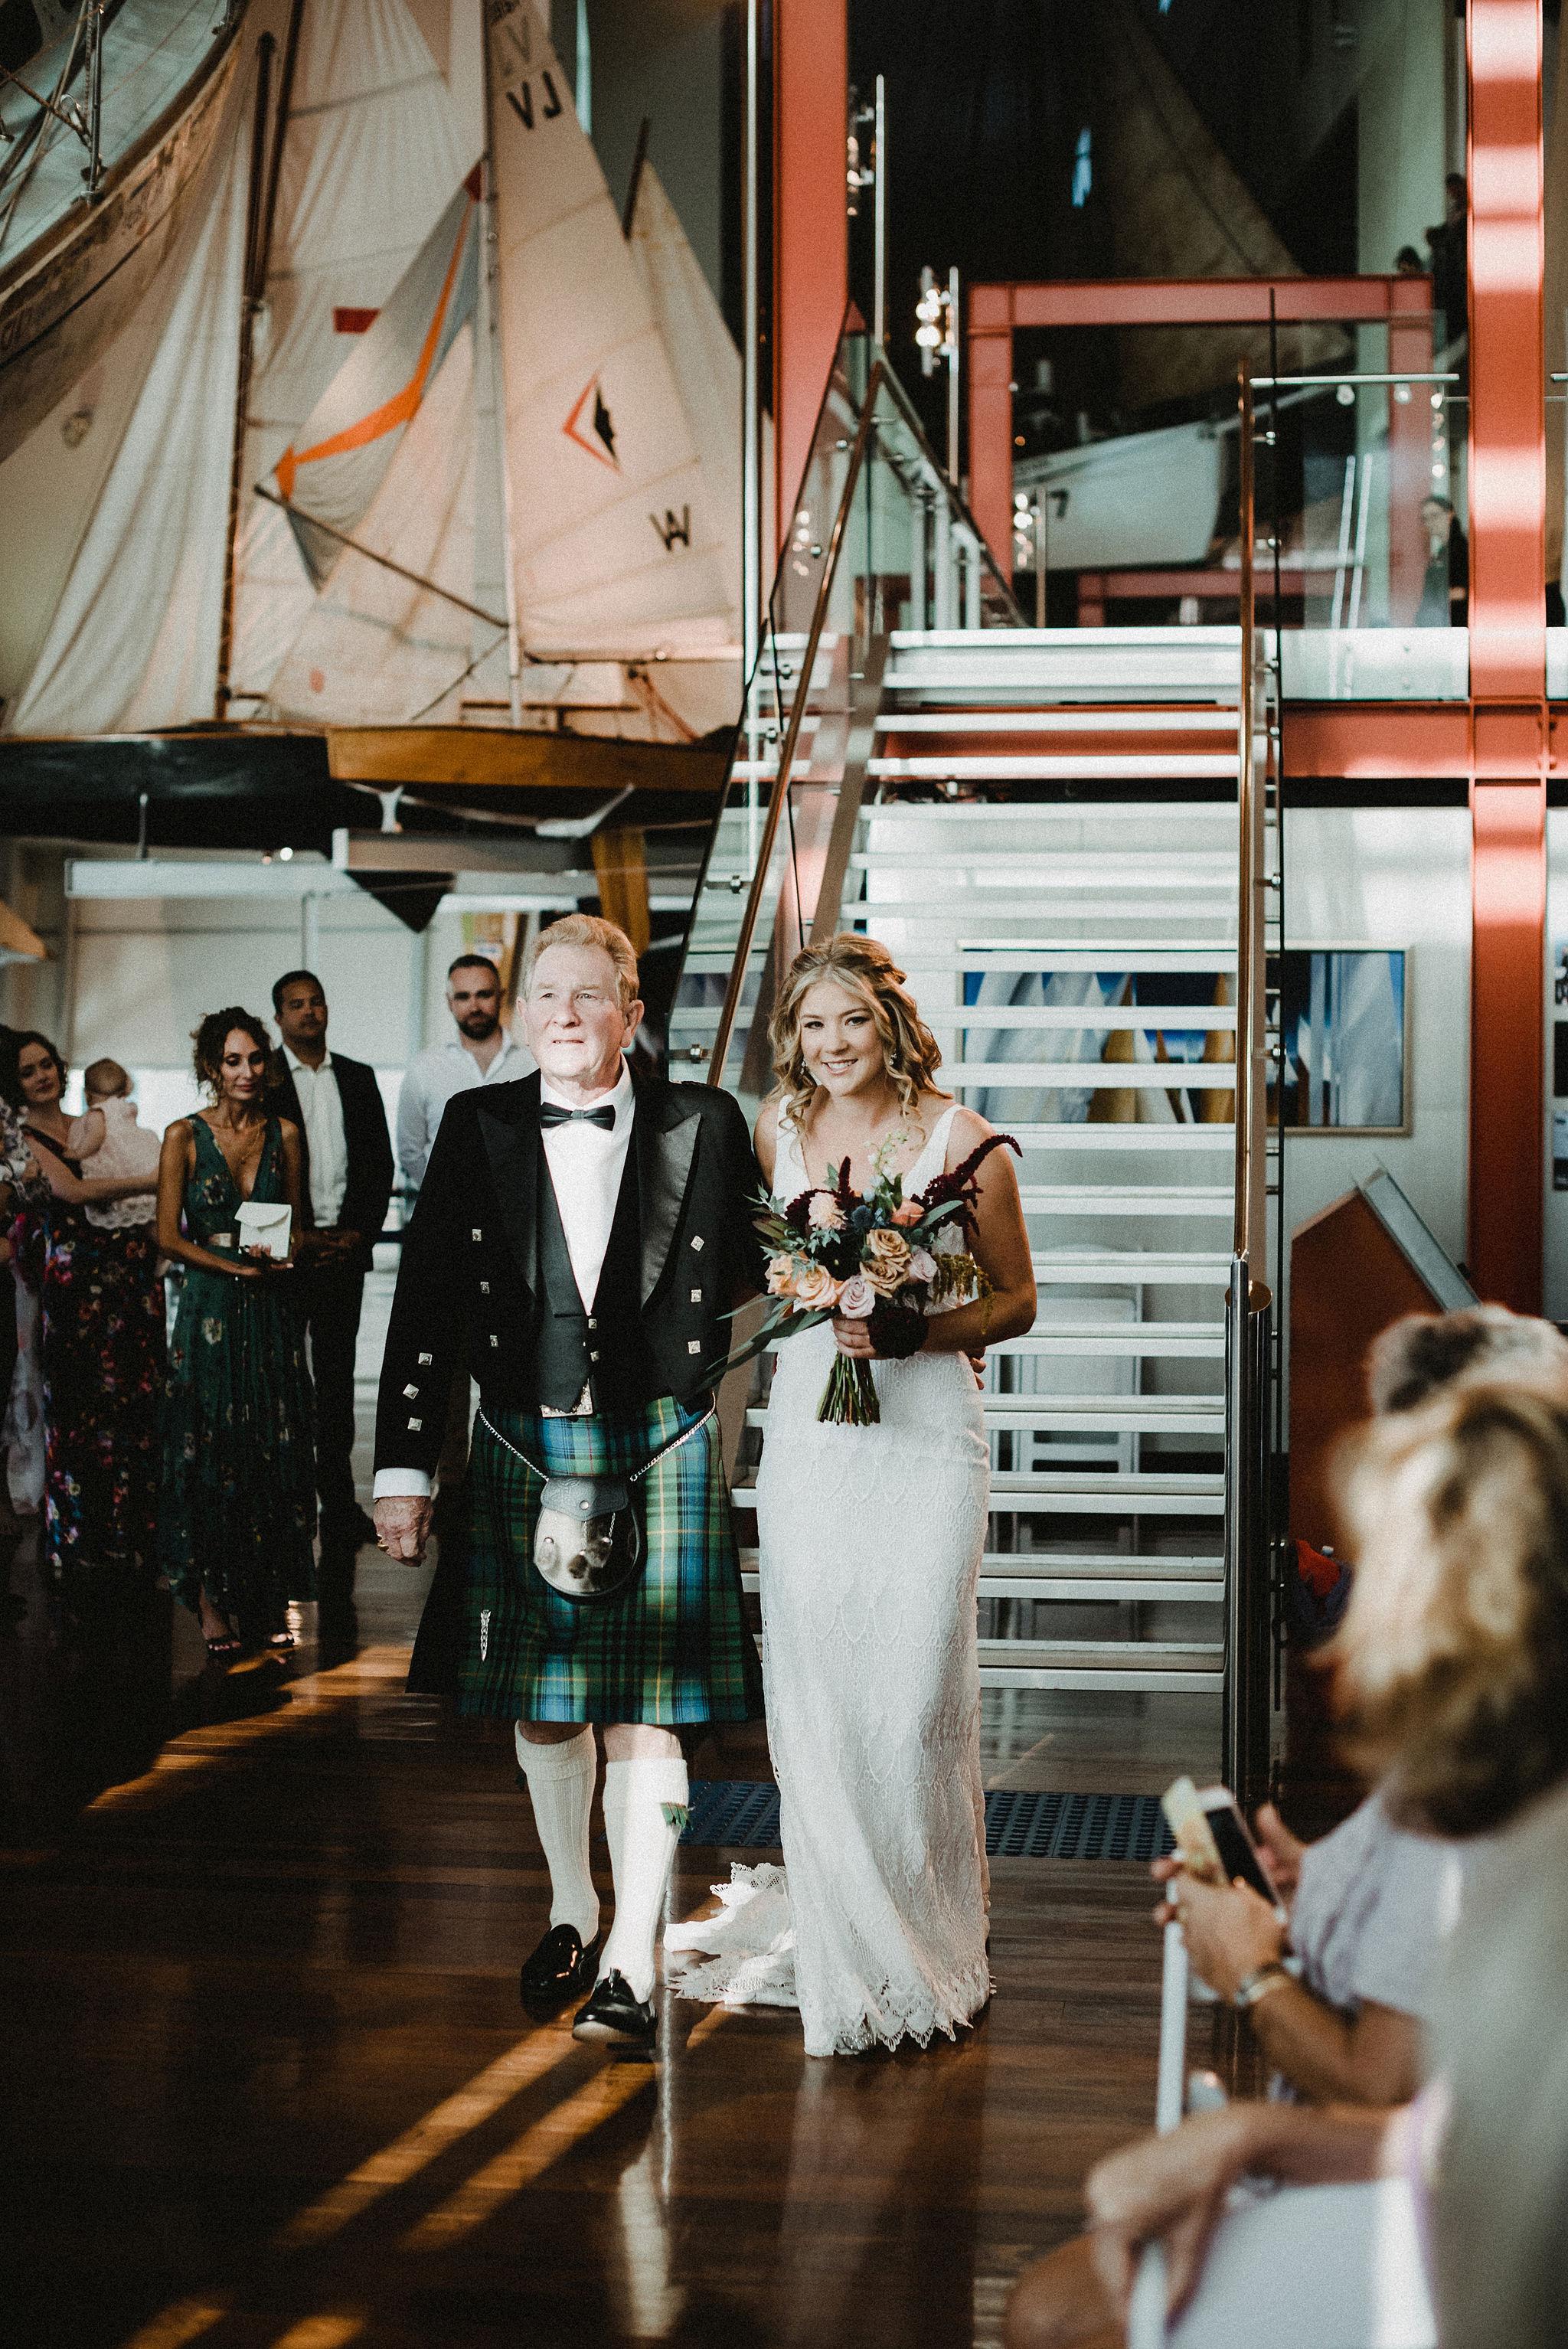 Perth Wedding Bridal Entrance